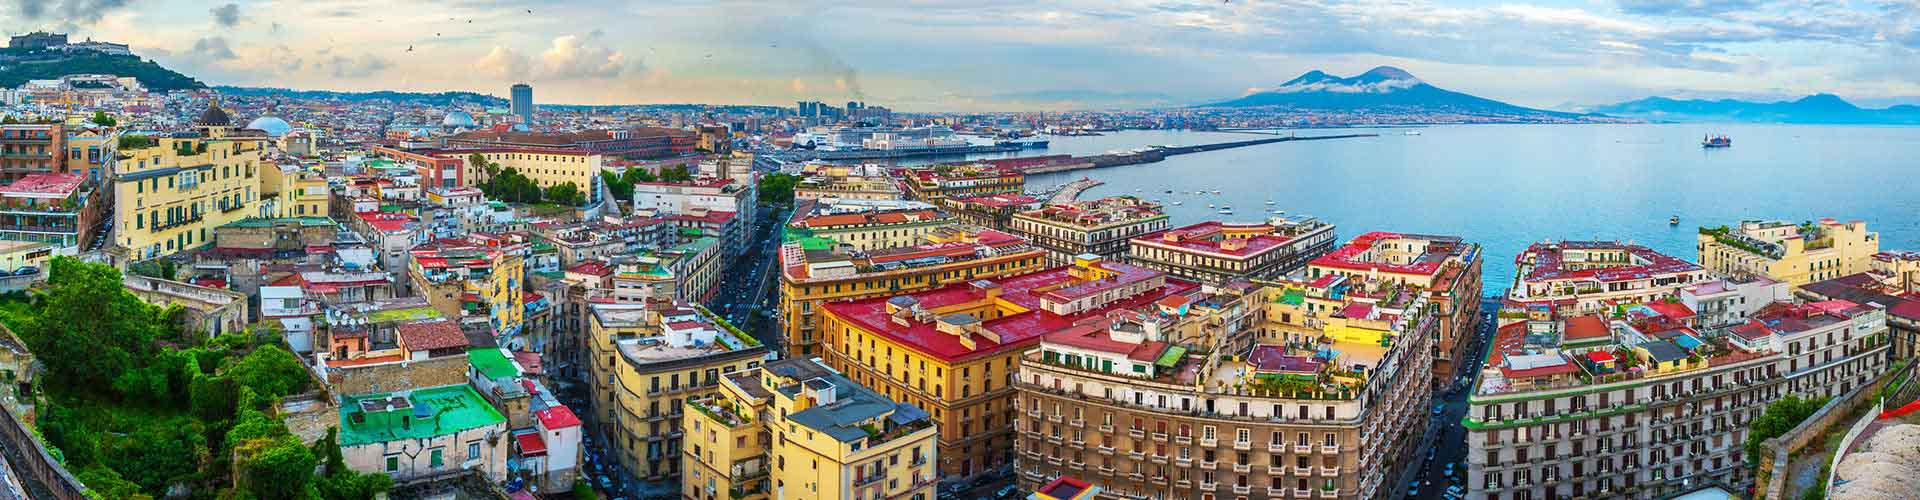 Nápoles - Hoteles baratos en Nápoles. Mapas de Nápoles, Fotos y comentarios de cada Hotel en Nápoles.